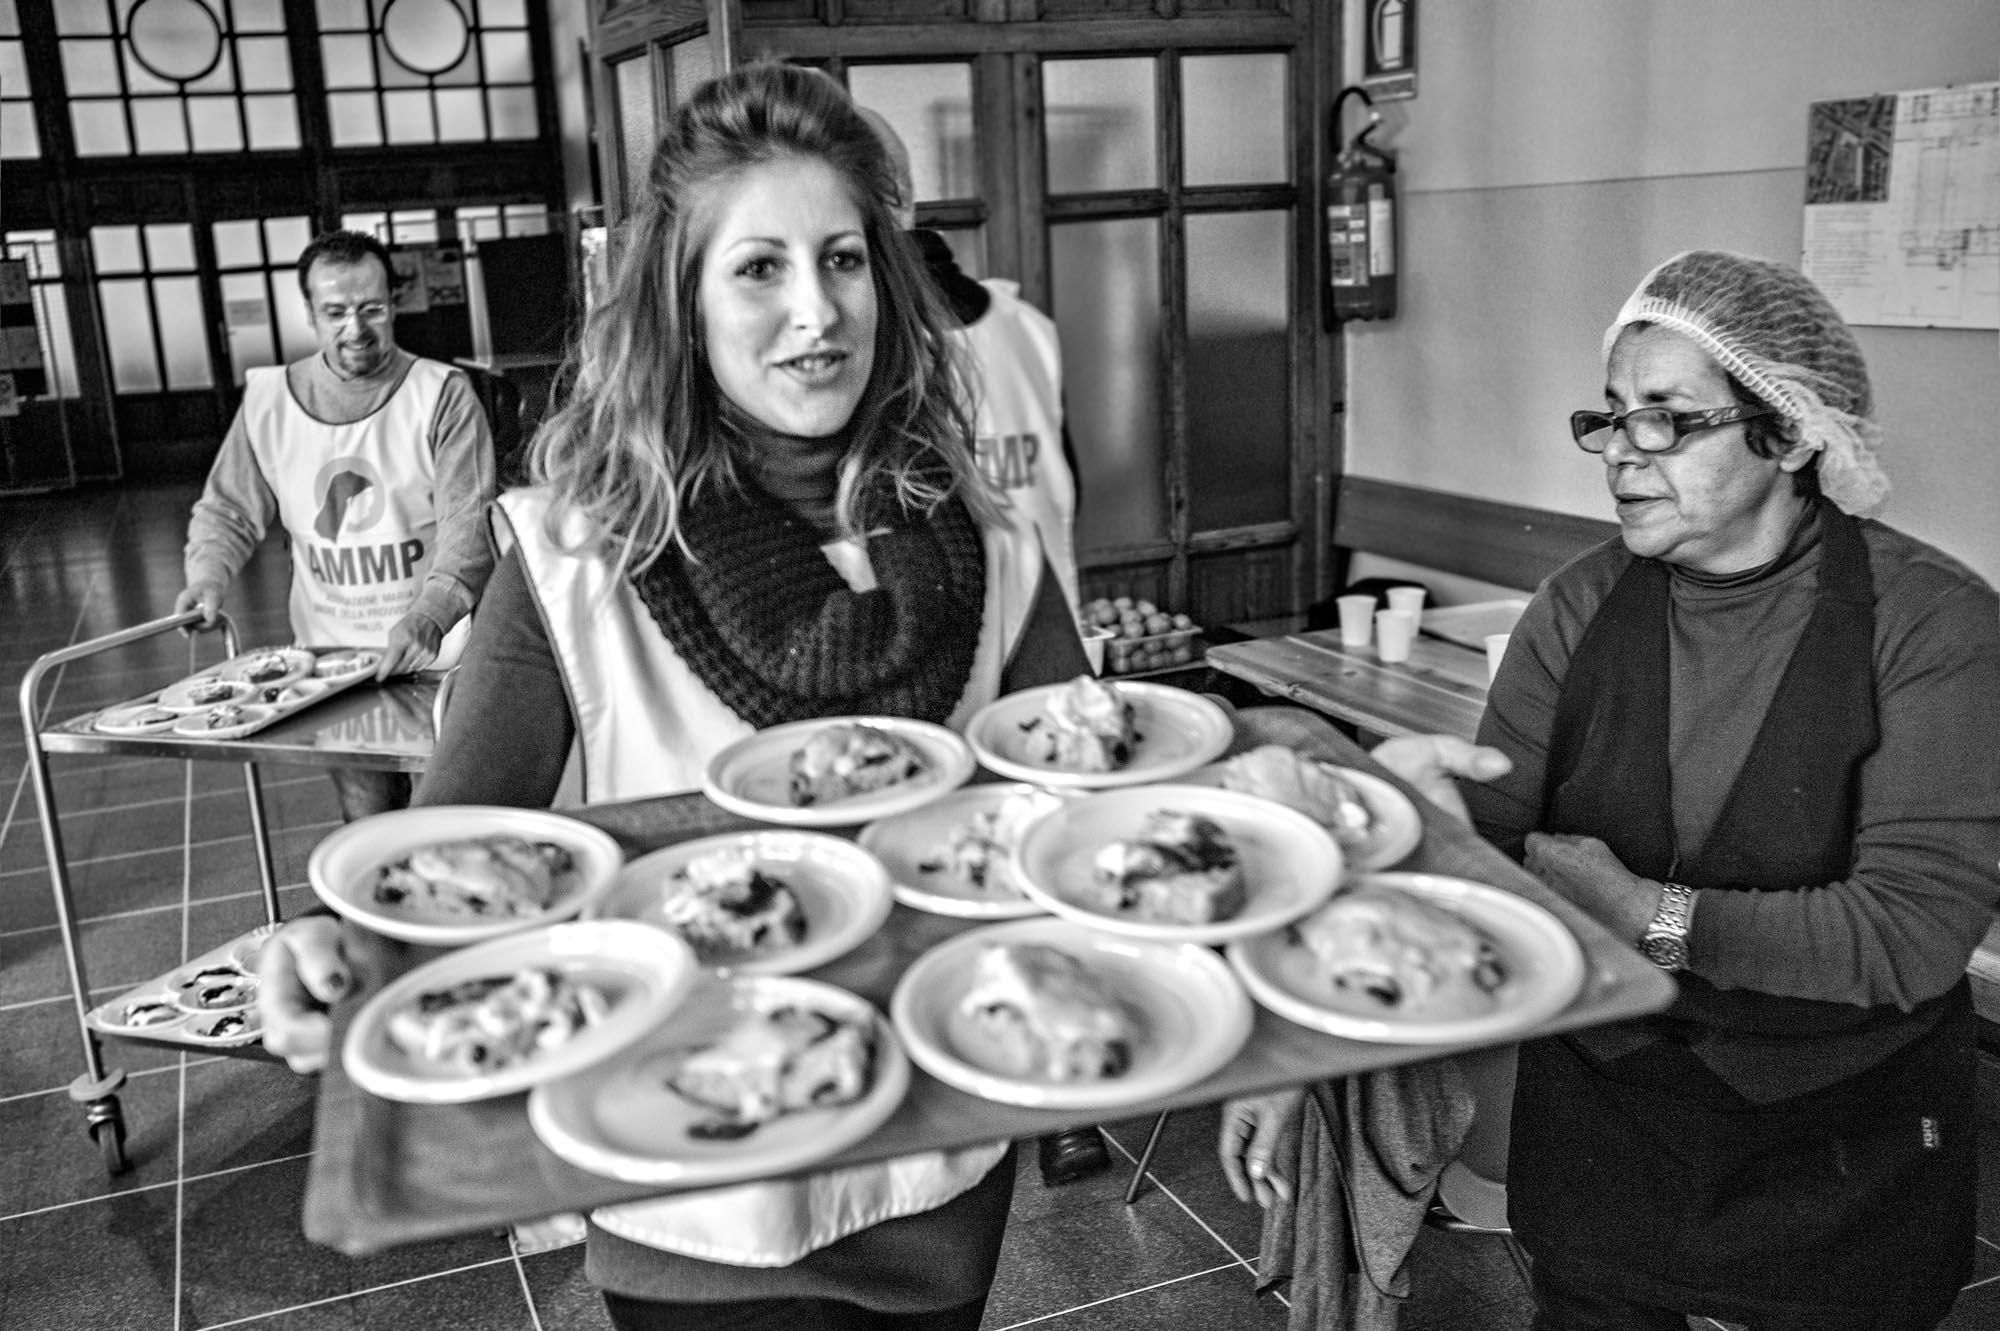 0734 Volontari in una mensa - Banco alimentare, in 1000 a cena